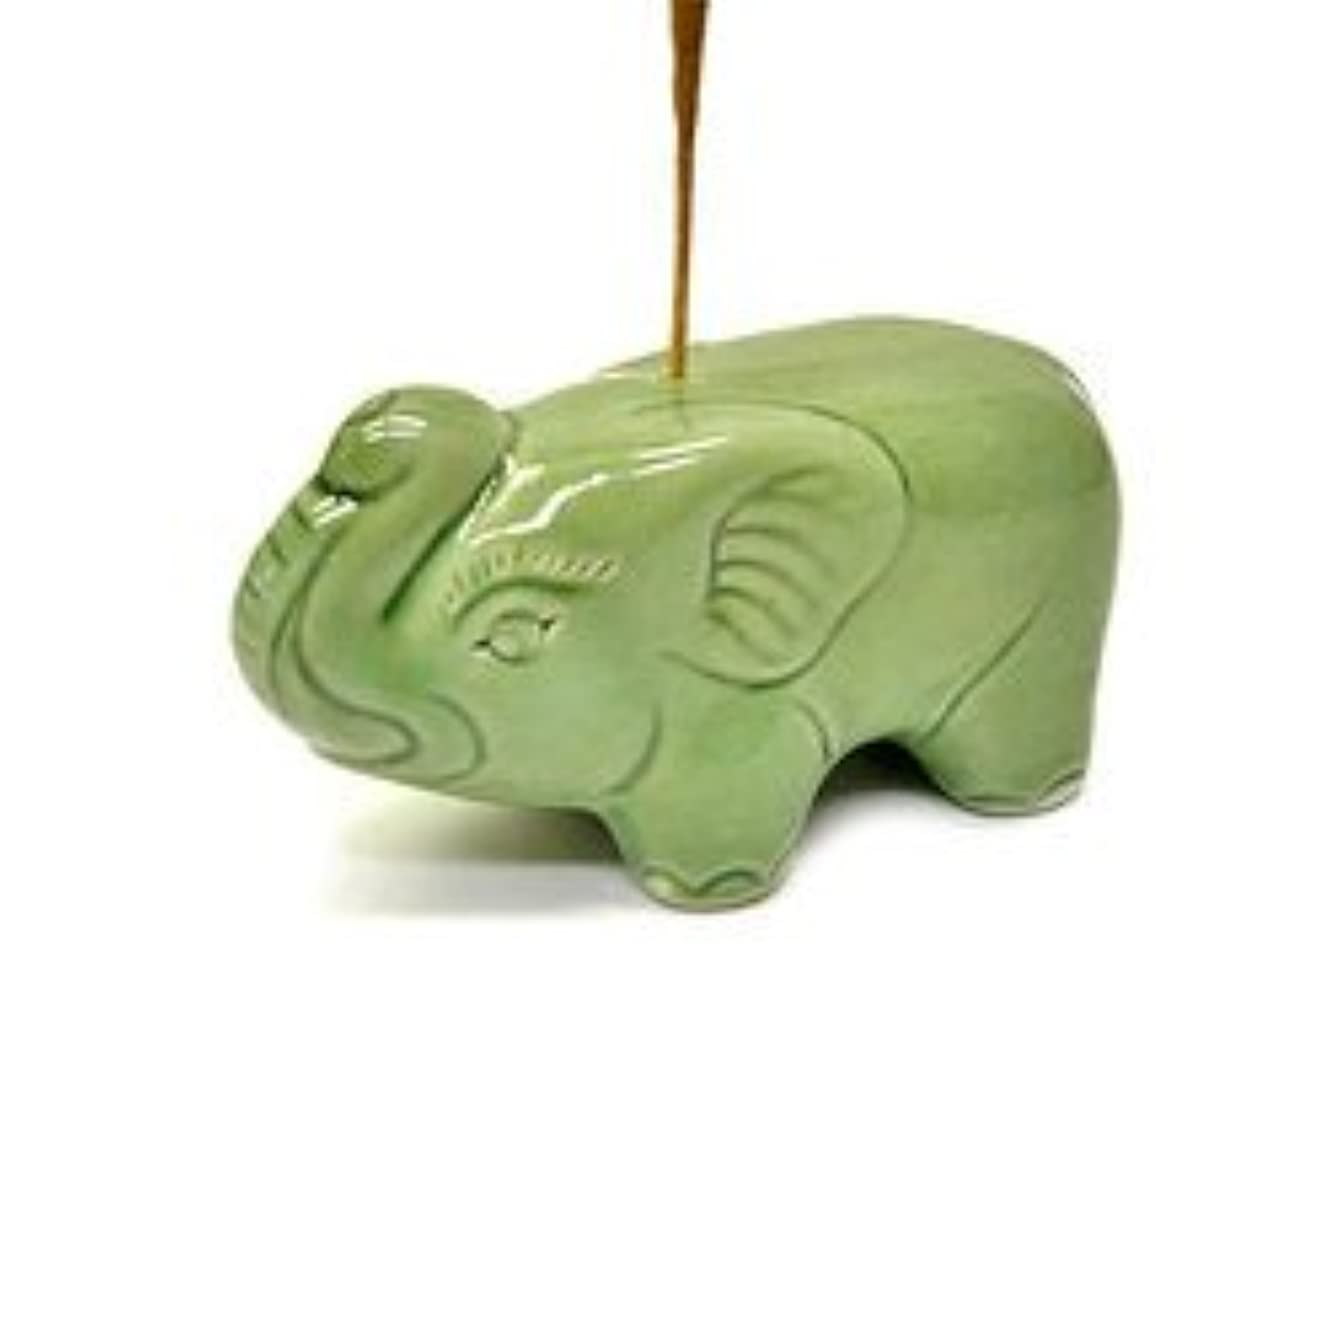 ミトン汚れるゲート象さんのお香立て <緑> インセンスホルダー/スティックタイプ用お香立て?お香たて アジアン雑貨